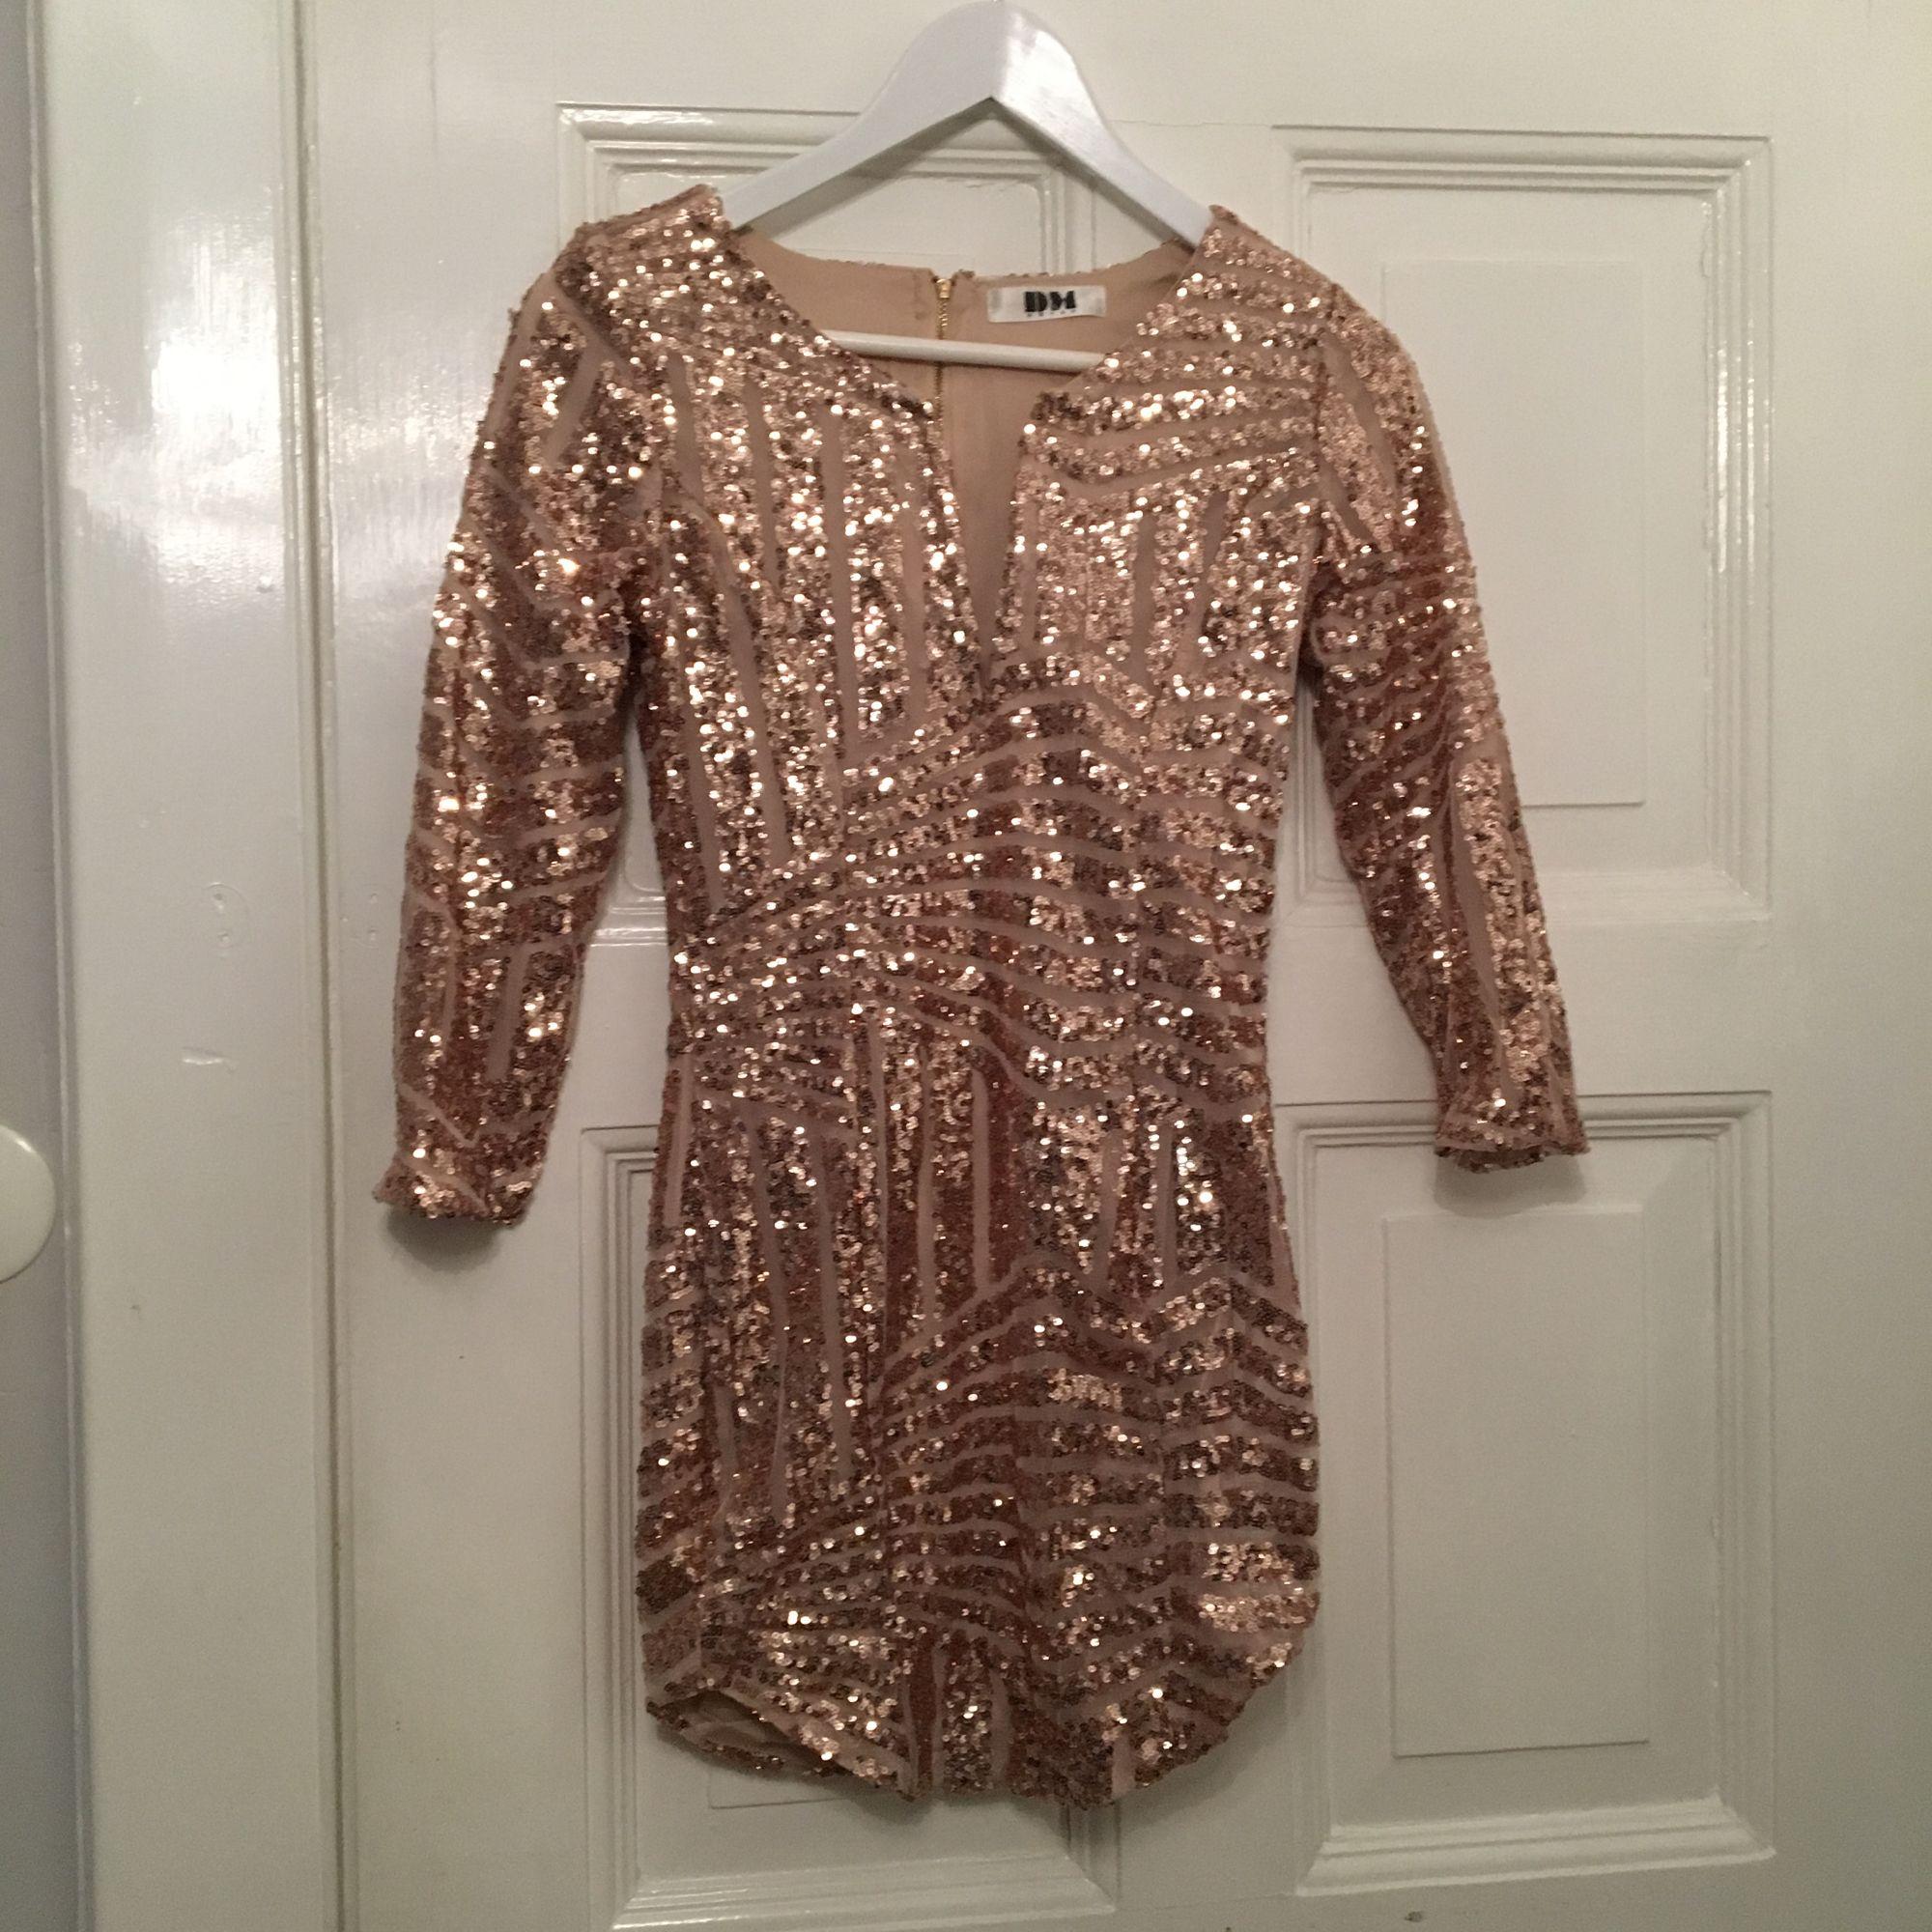 6452f707501b Aldrig använd guld/rosé guldig paljettklänning från DM retro. Säljer för  den är alldeles ...